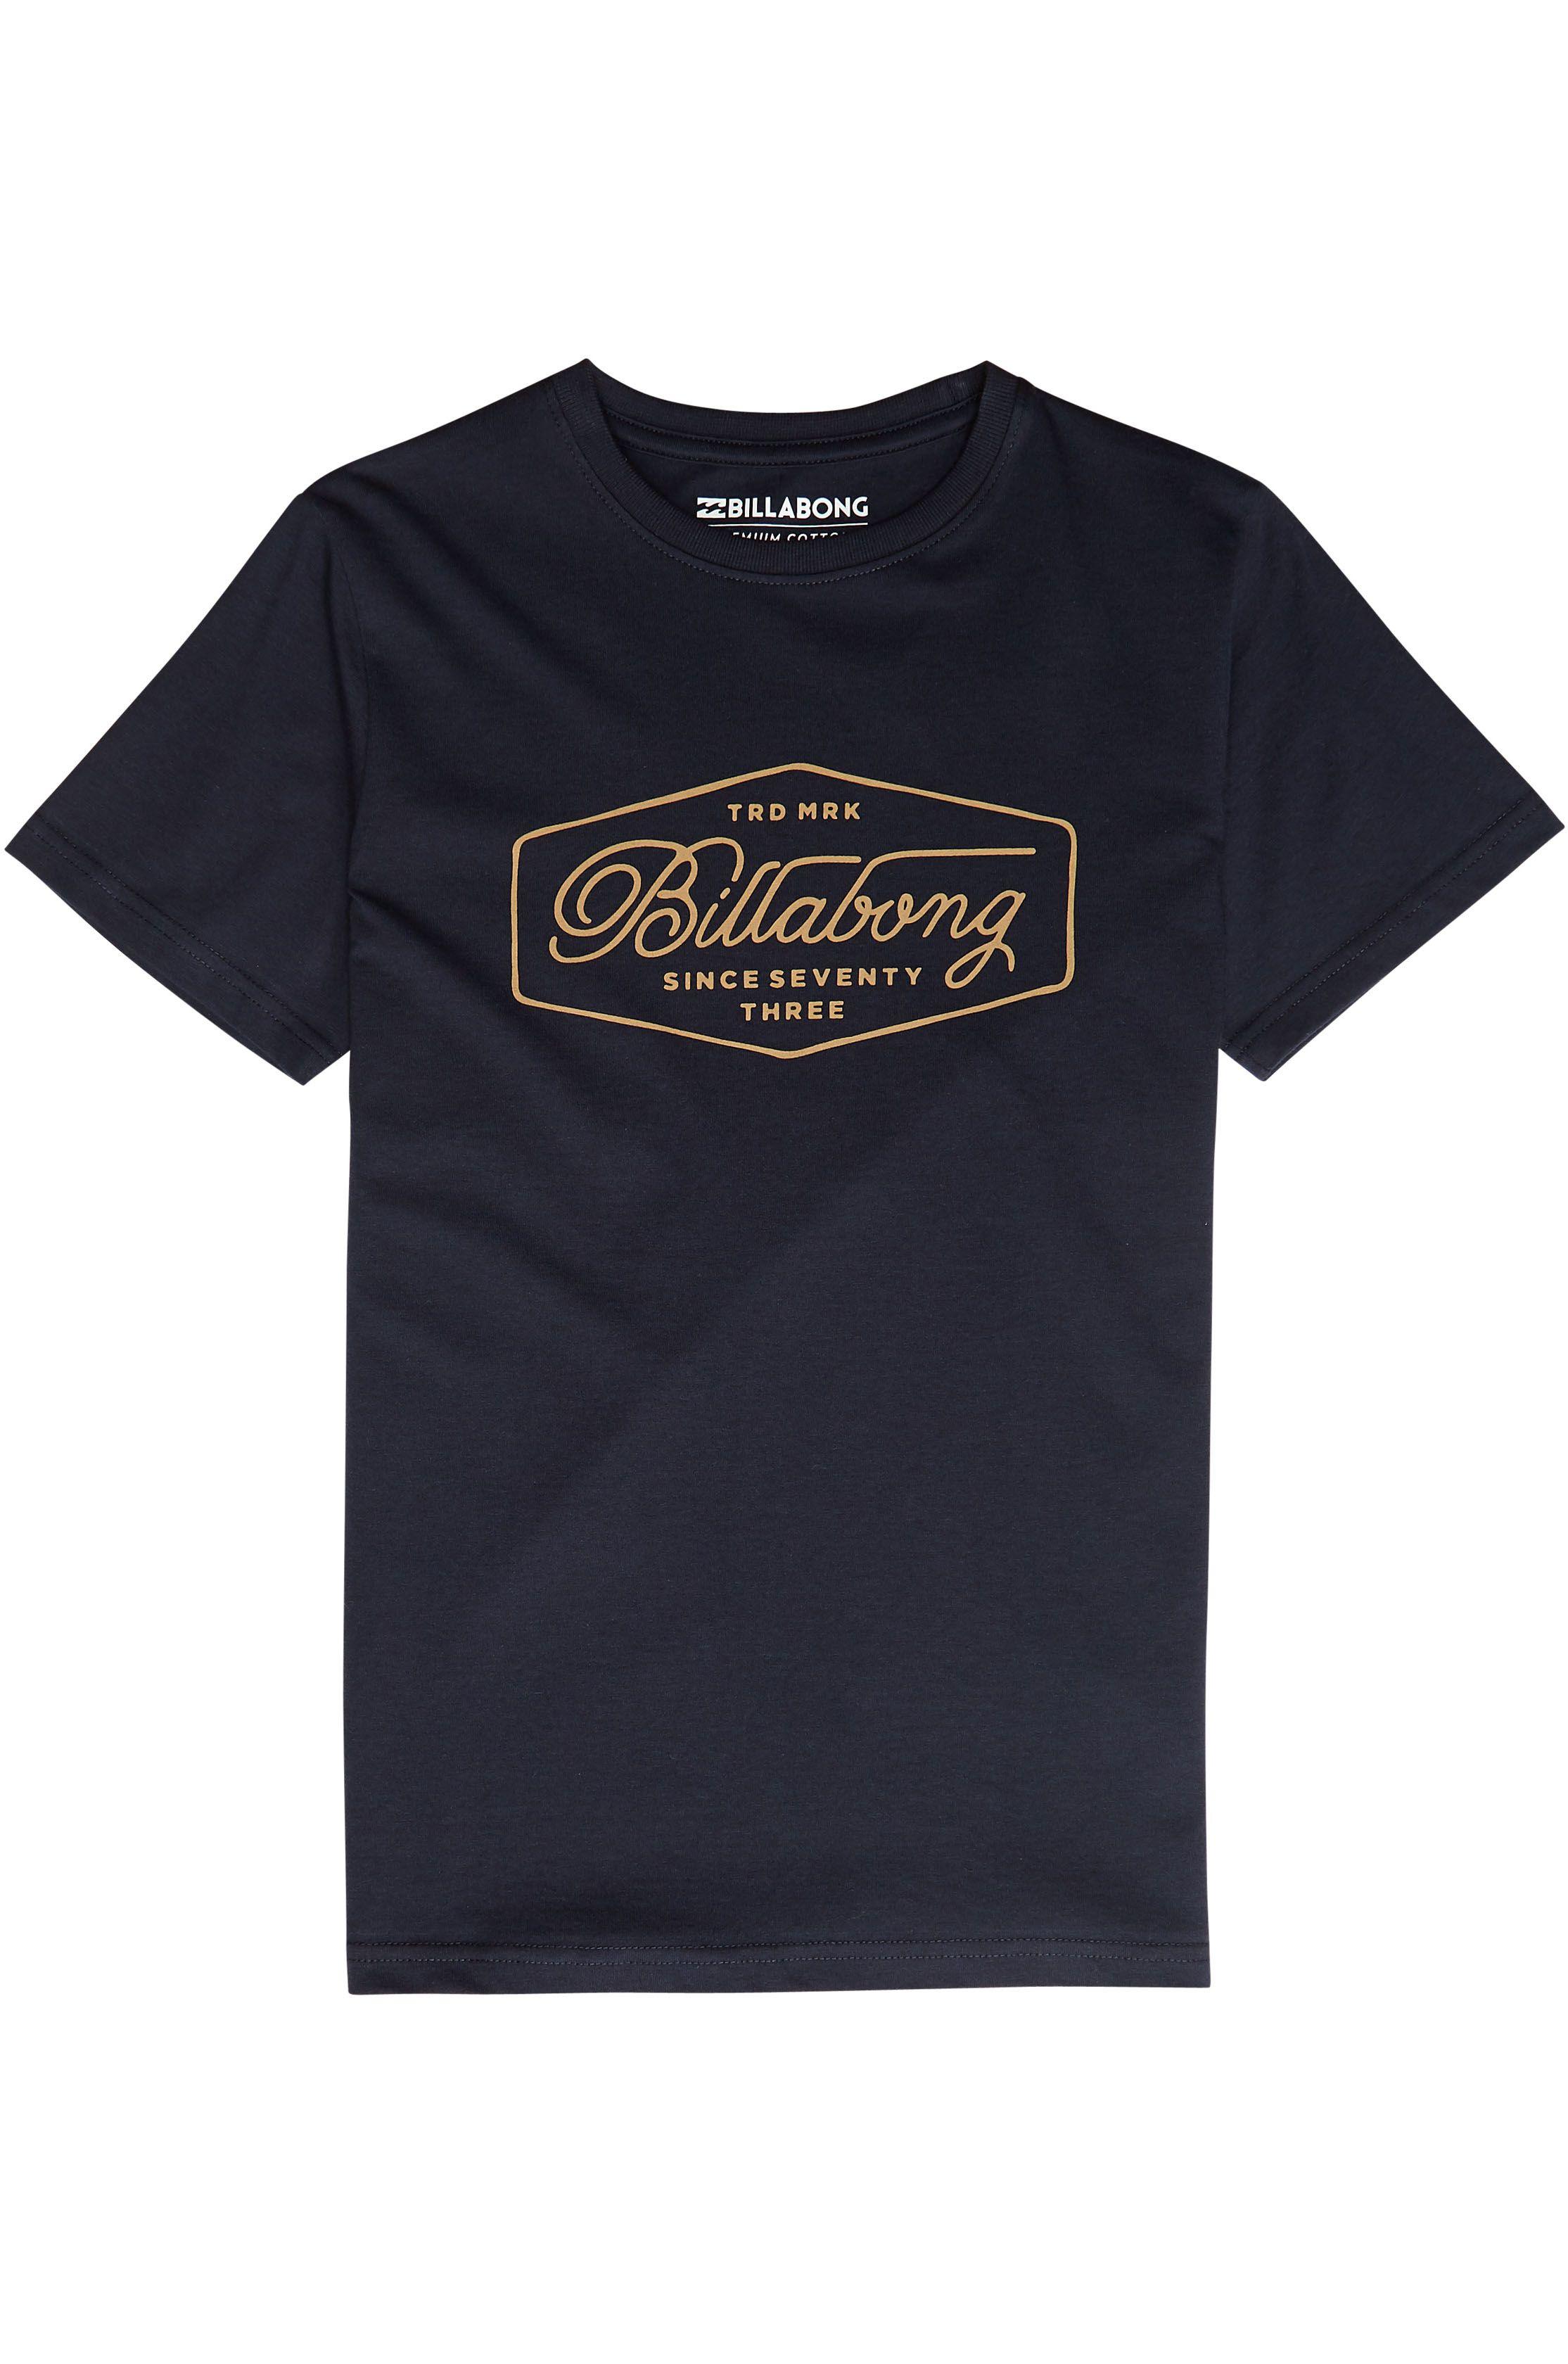 T-Shirt Billabong TRADEMARK Navy